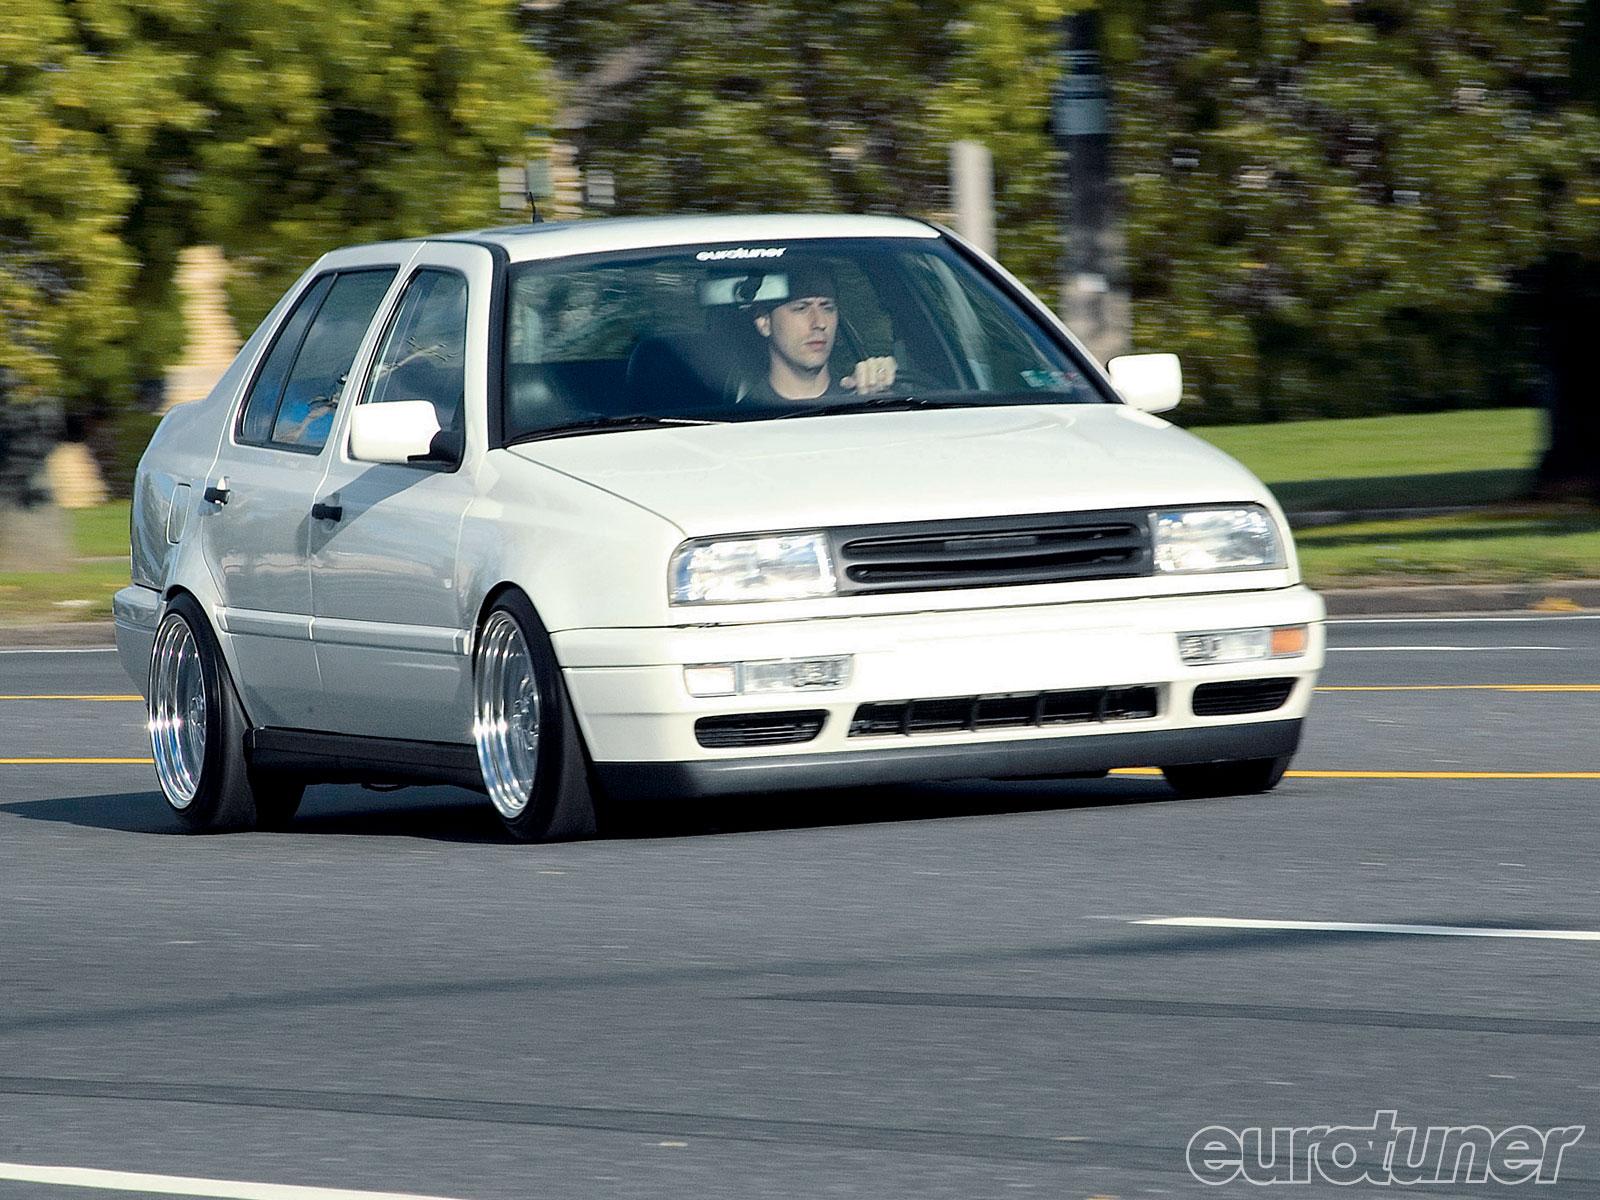 1997 Volkswagen Jetta #15 Volkswagen Jetta #15